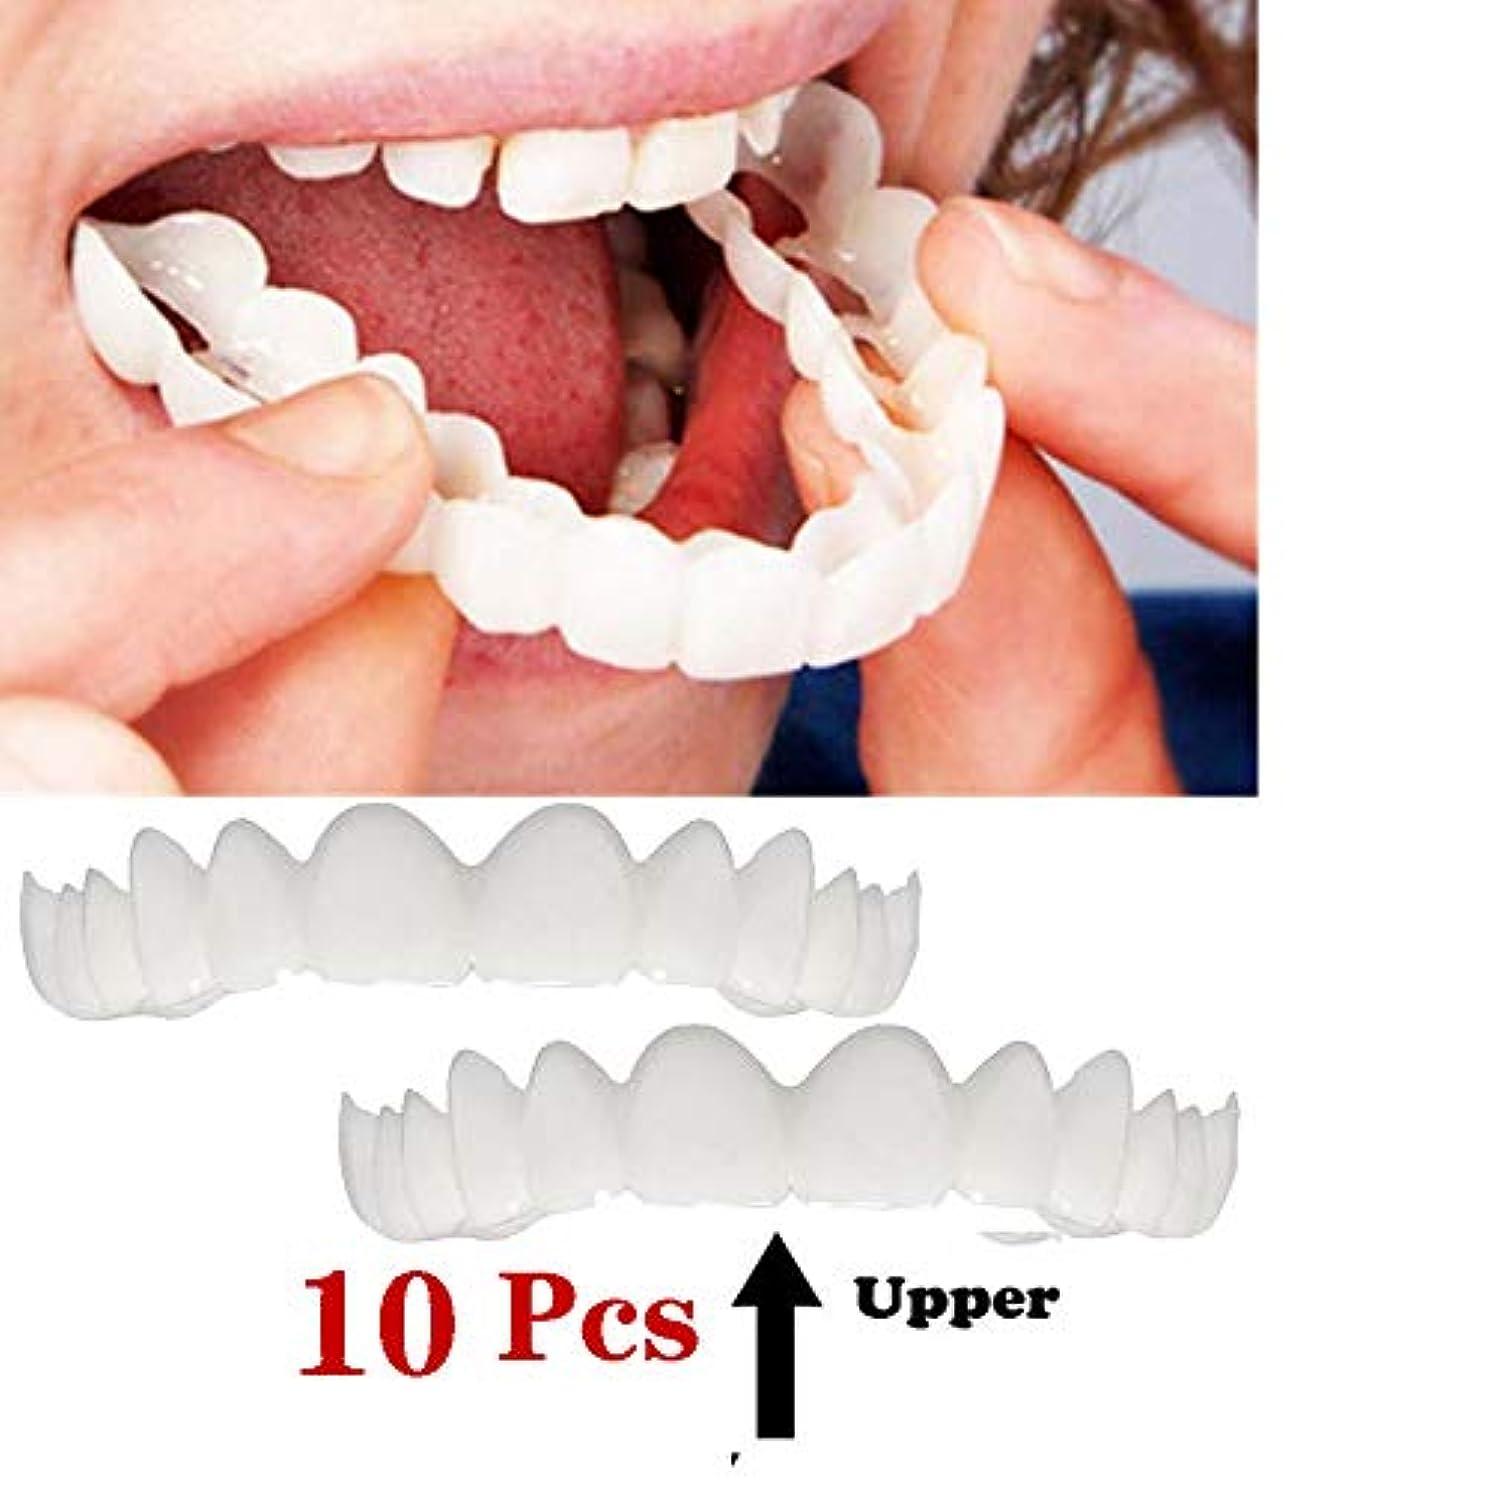 不正完全に乾く裏切るシリコンベニヤティース偽の歯パーフェクトスマイルベニヤストック補正矯正義歯悪い義歯ベニヤベニヤ歯ホワイトニング